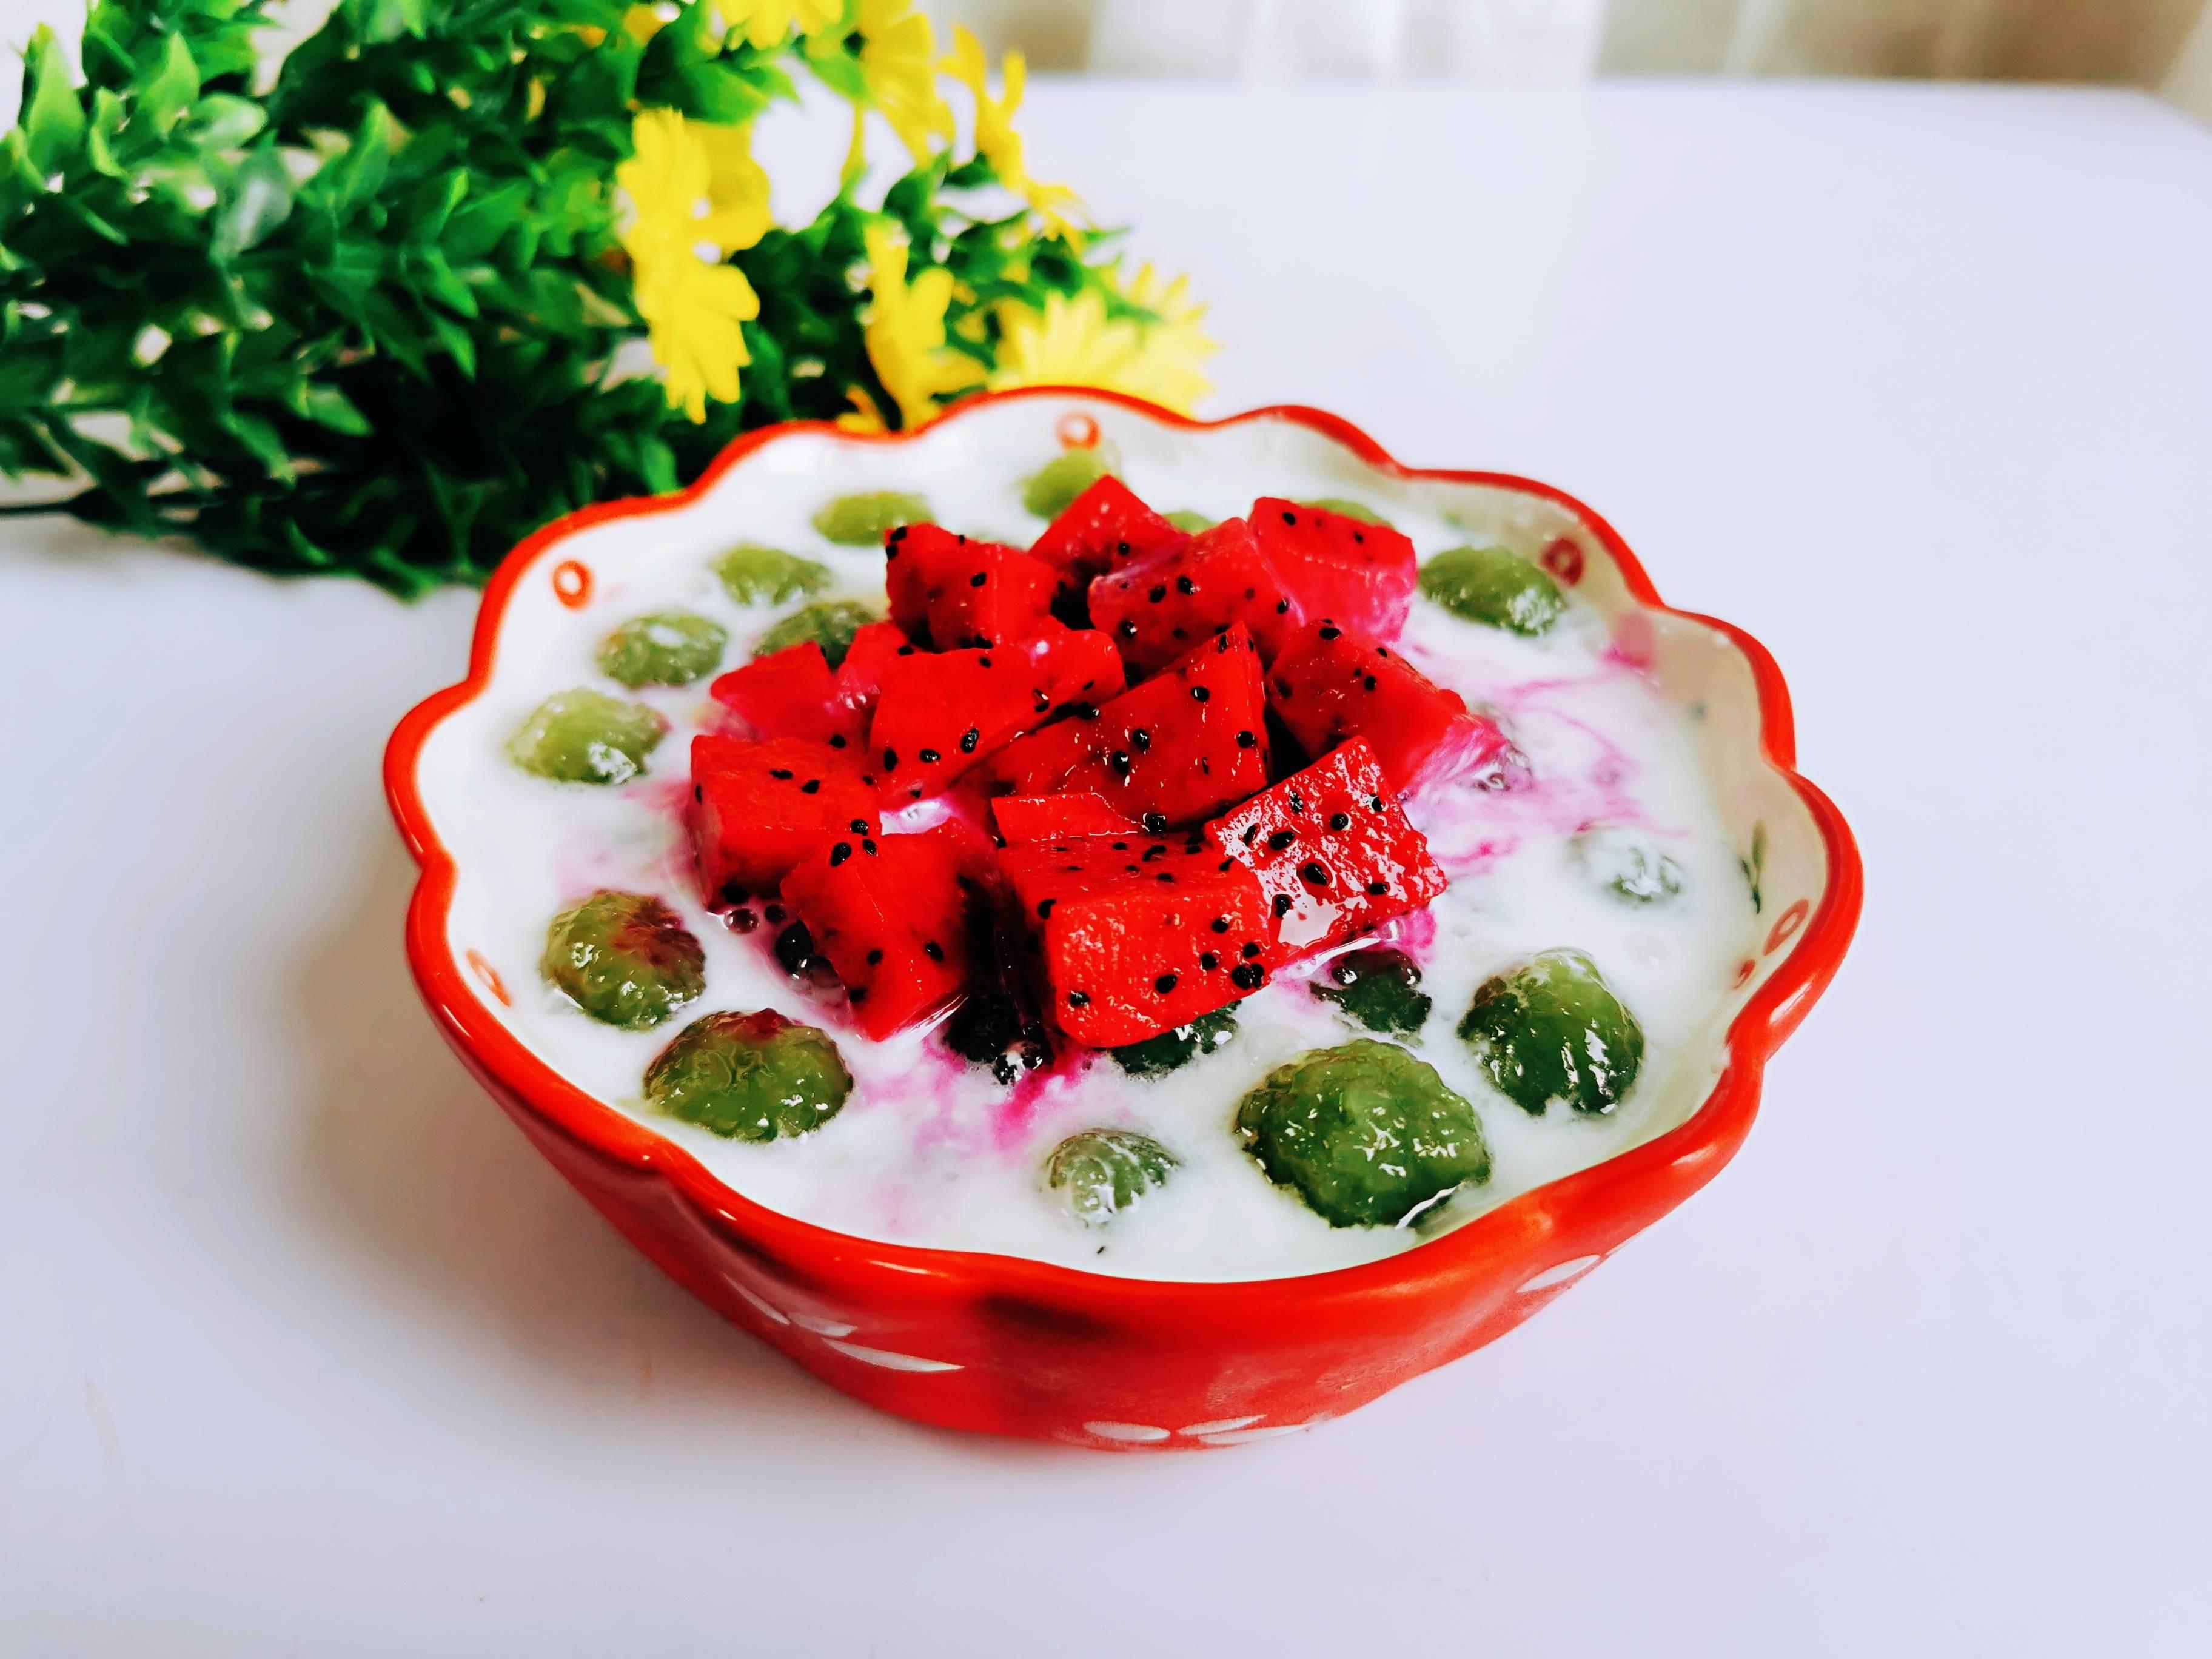 夏日必备降温甜品:酸奶冰沙啵啵,吃一份不够哦成品图